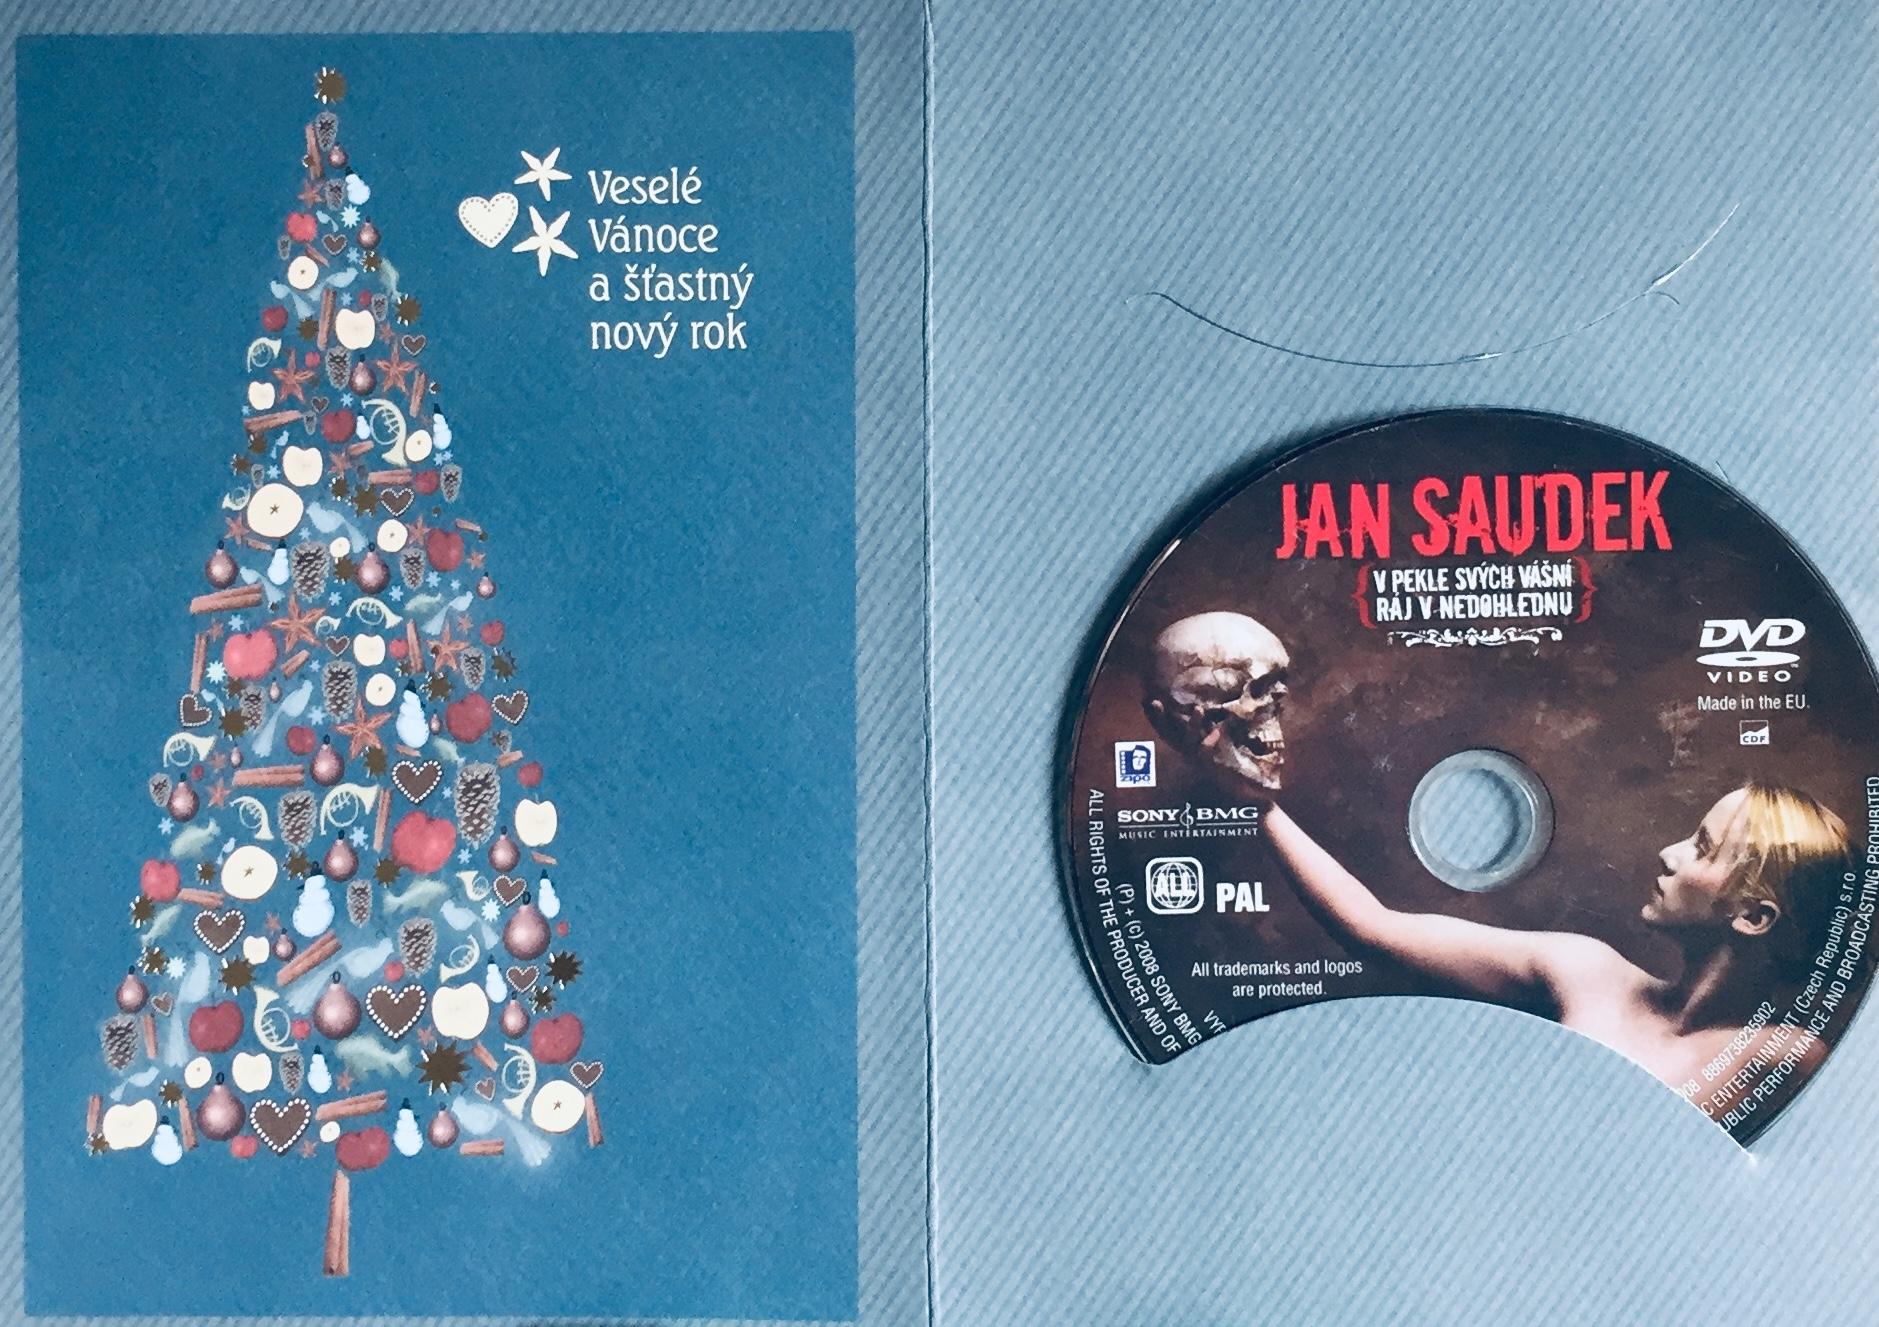 Jan Saudek - V pekle svých vášní, ráj v nedohlednu - DVD /dárkový obal/